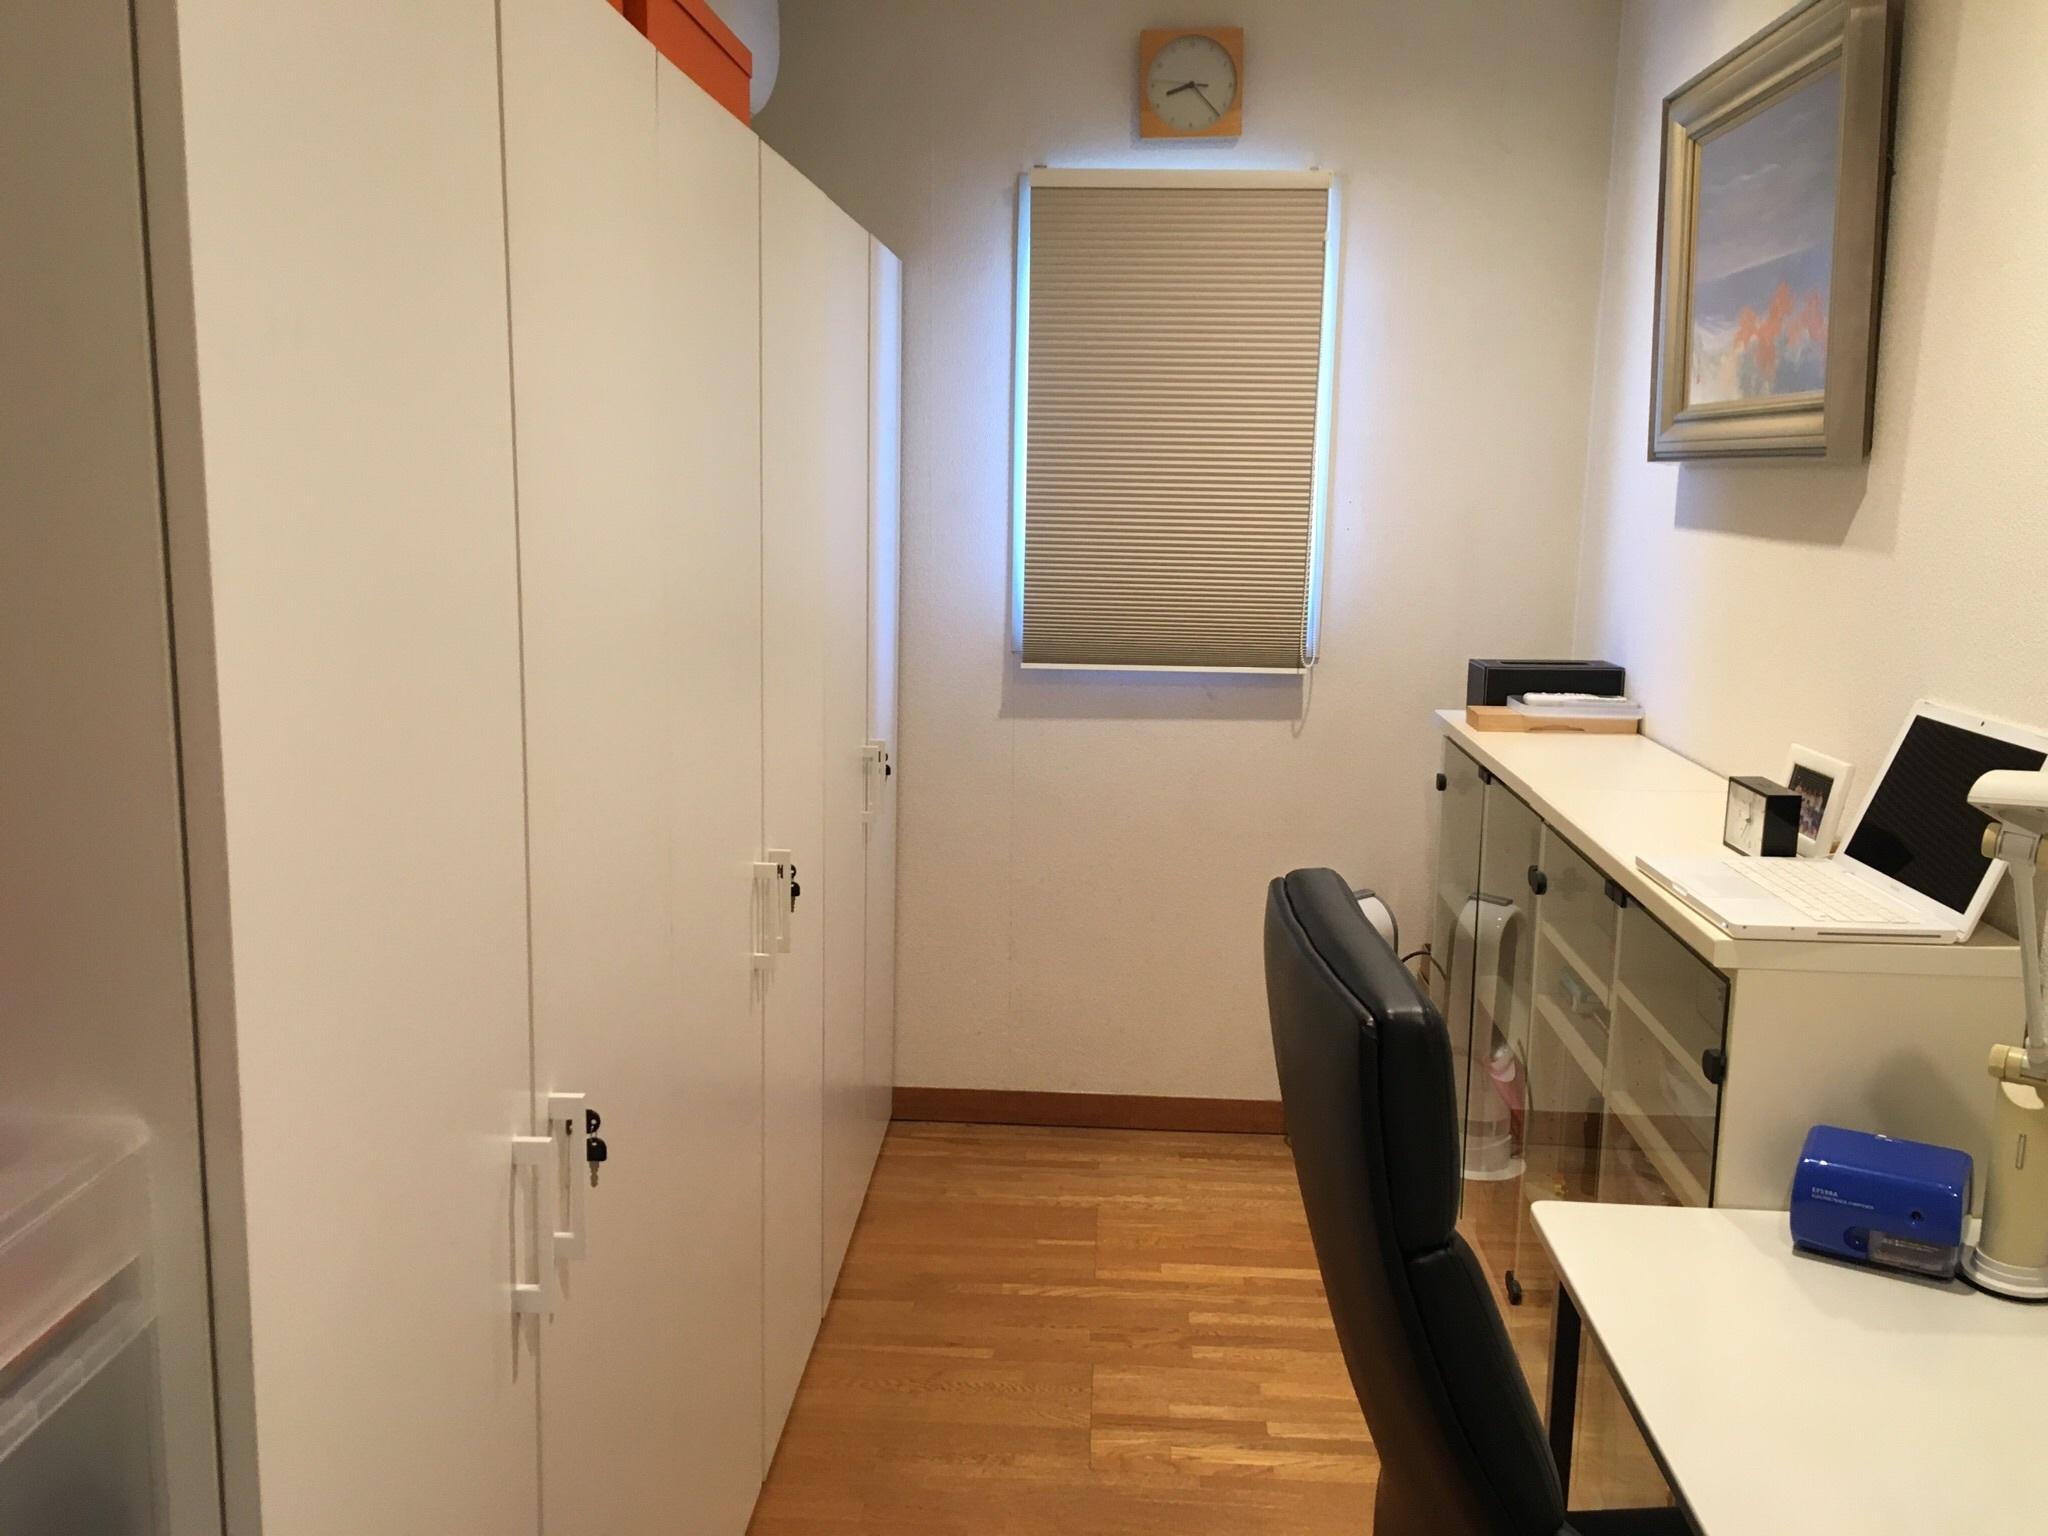 自分の部屋の整理整頓終了 : my style